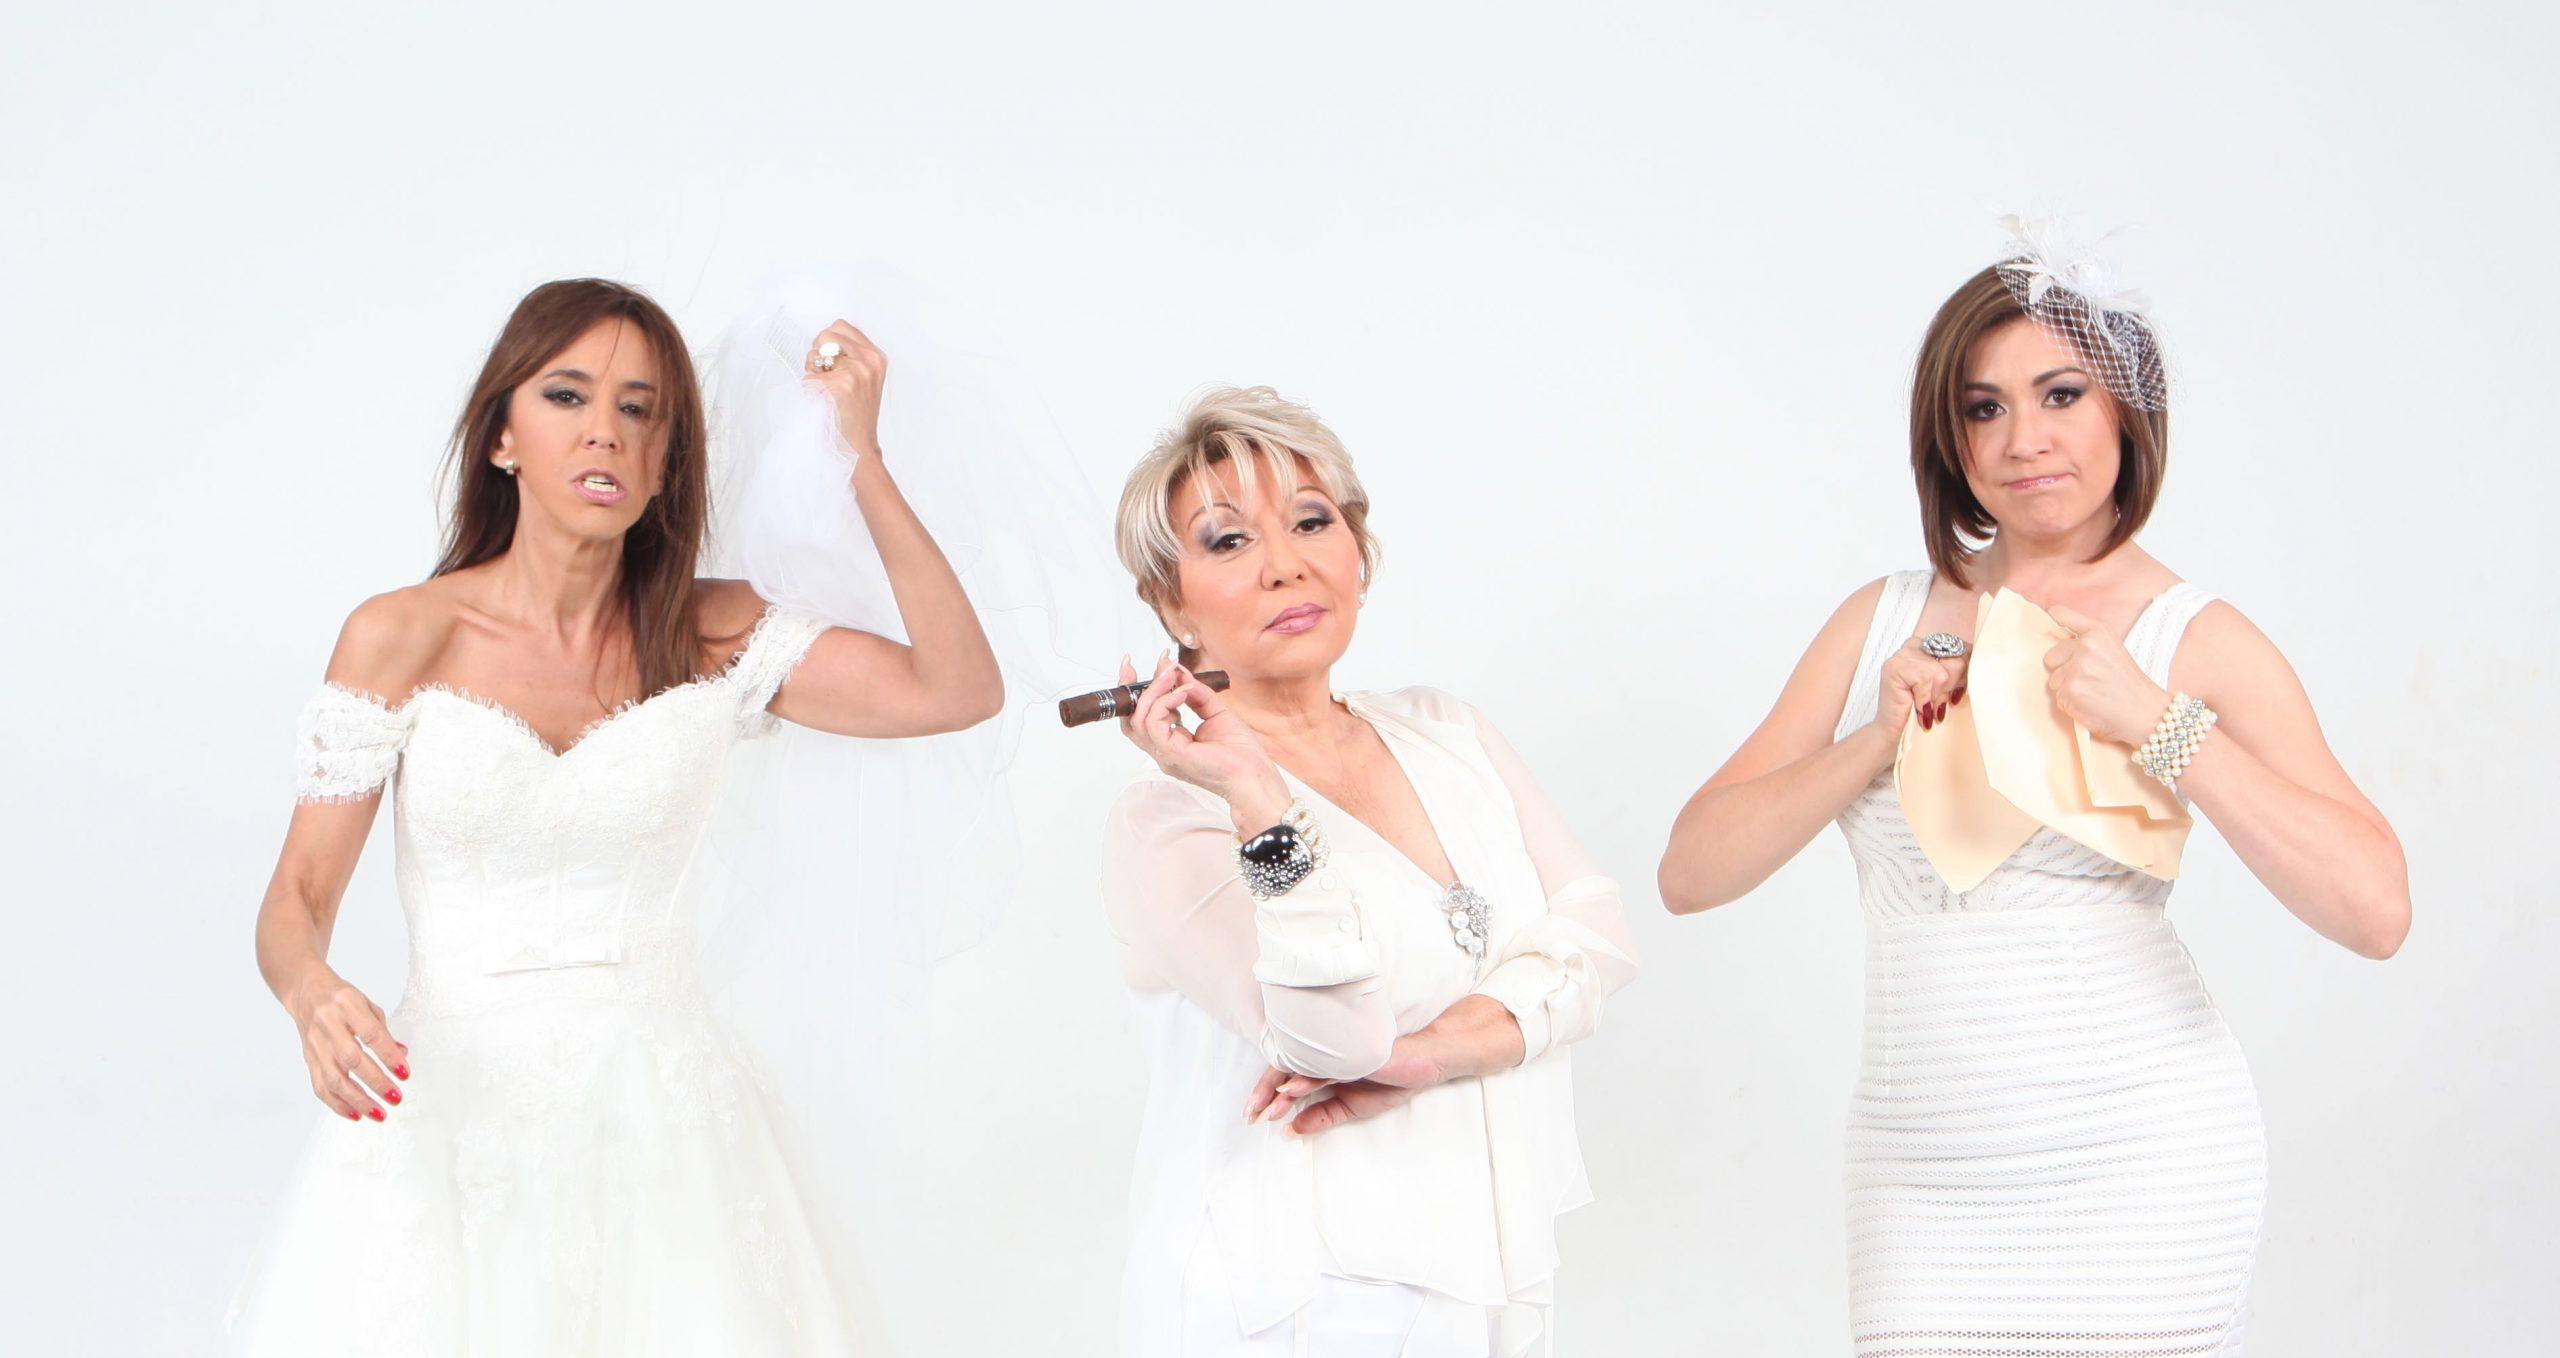 Gricel Mamery, Angela Meyer y Linnette Torres actuán en la nueva propuesta humorístic de Alexis Sebastian Méndez. (Foto suministrada)